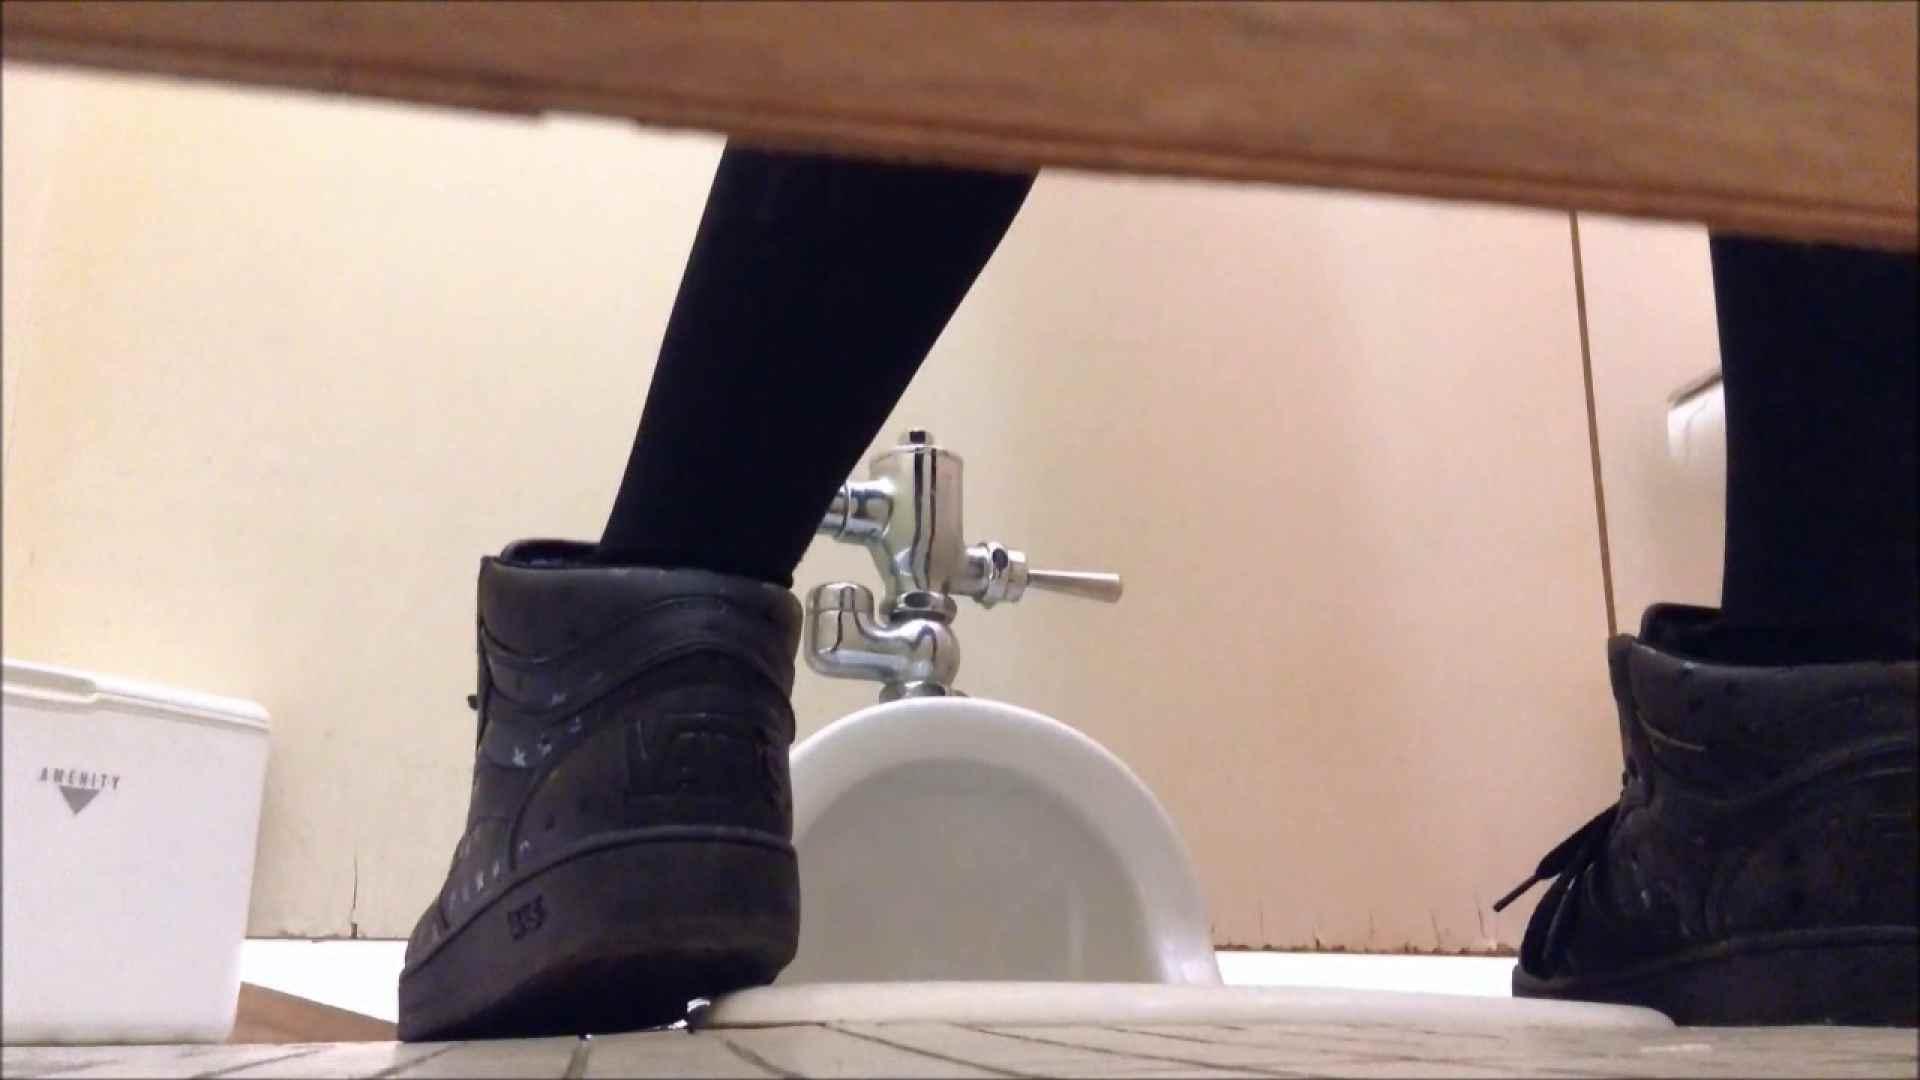 某有名大学女性洗面所 vol.13 和式 盗み撮り動画キャプチャ 105PIX 28